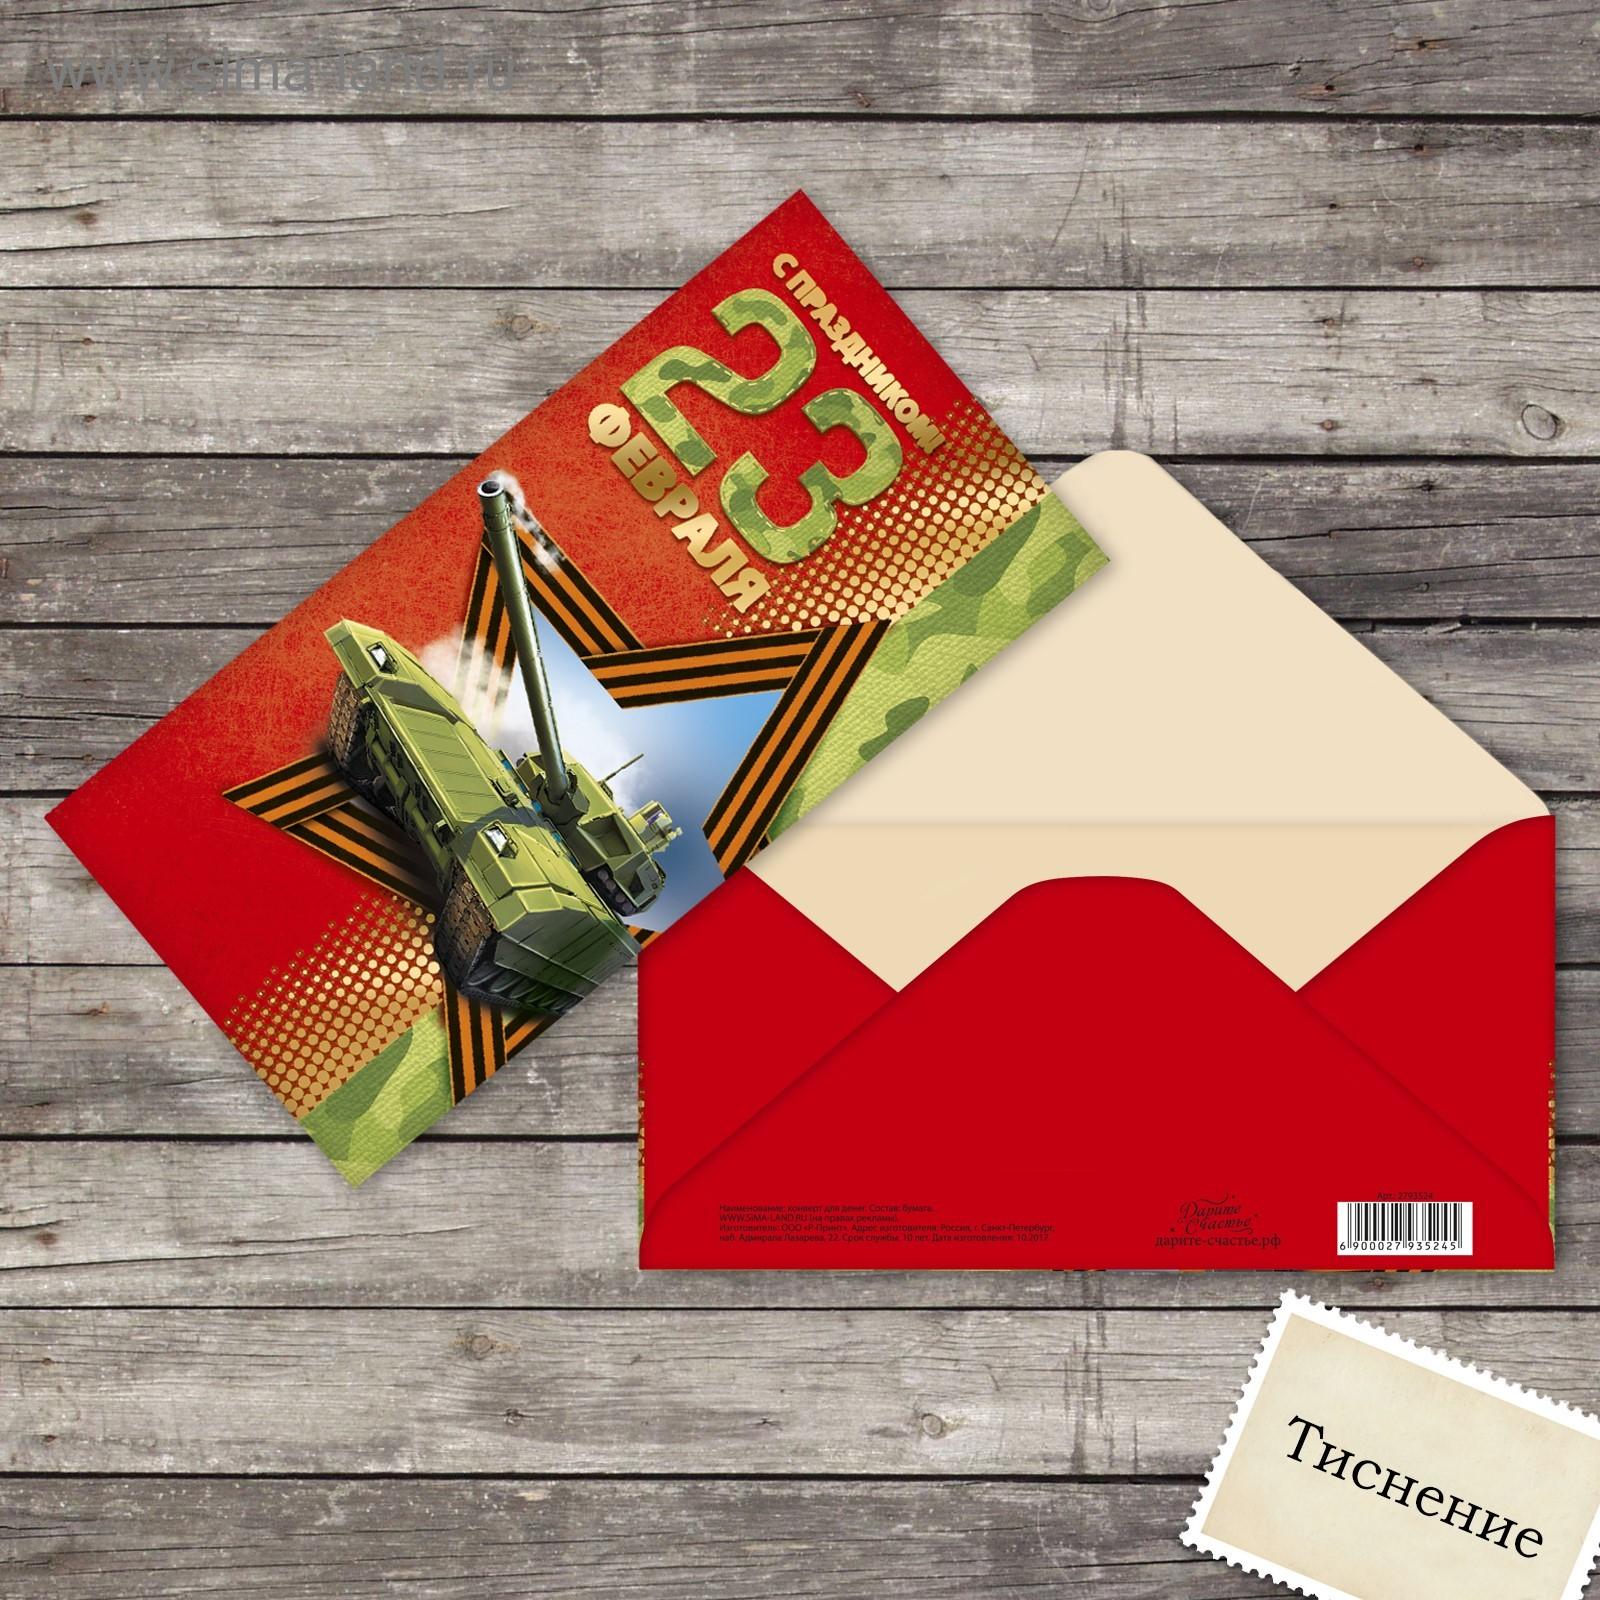 Охотой прикольные, конверт открытка с 23 февраля